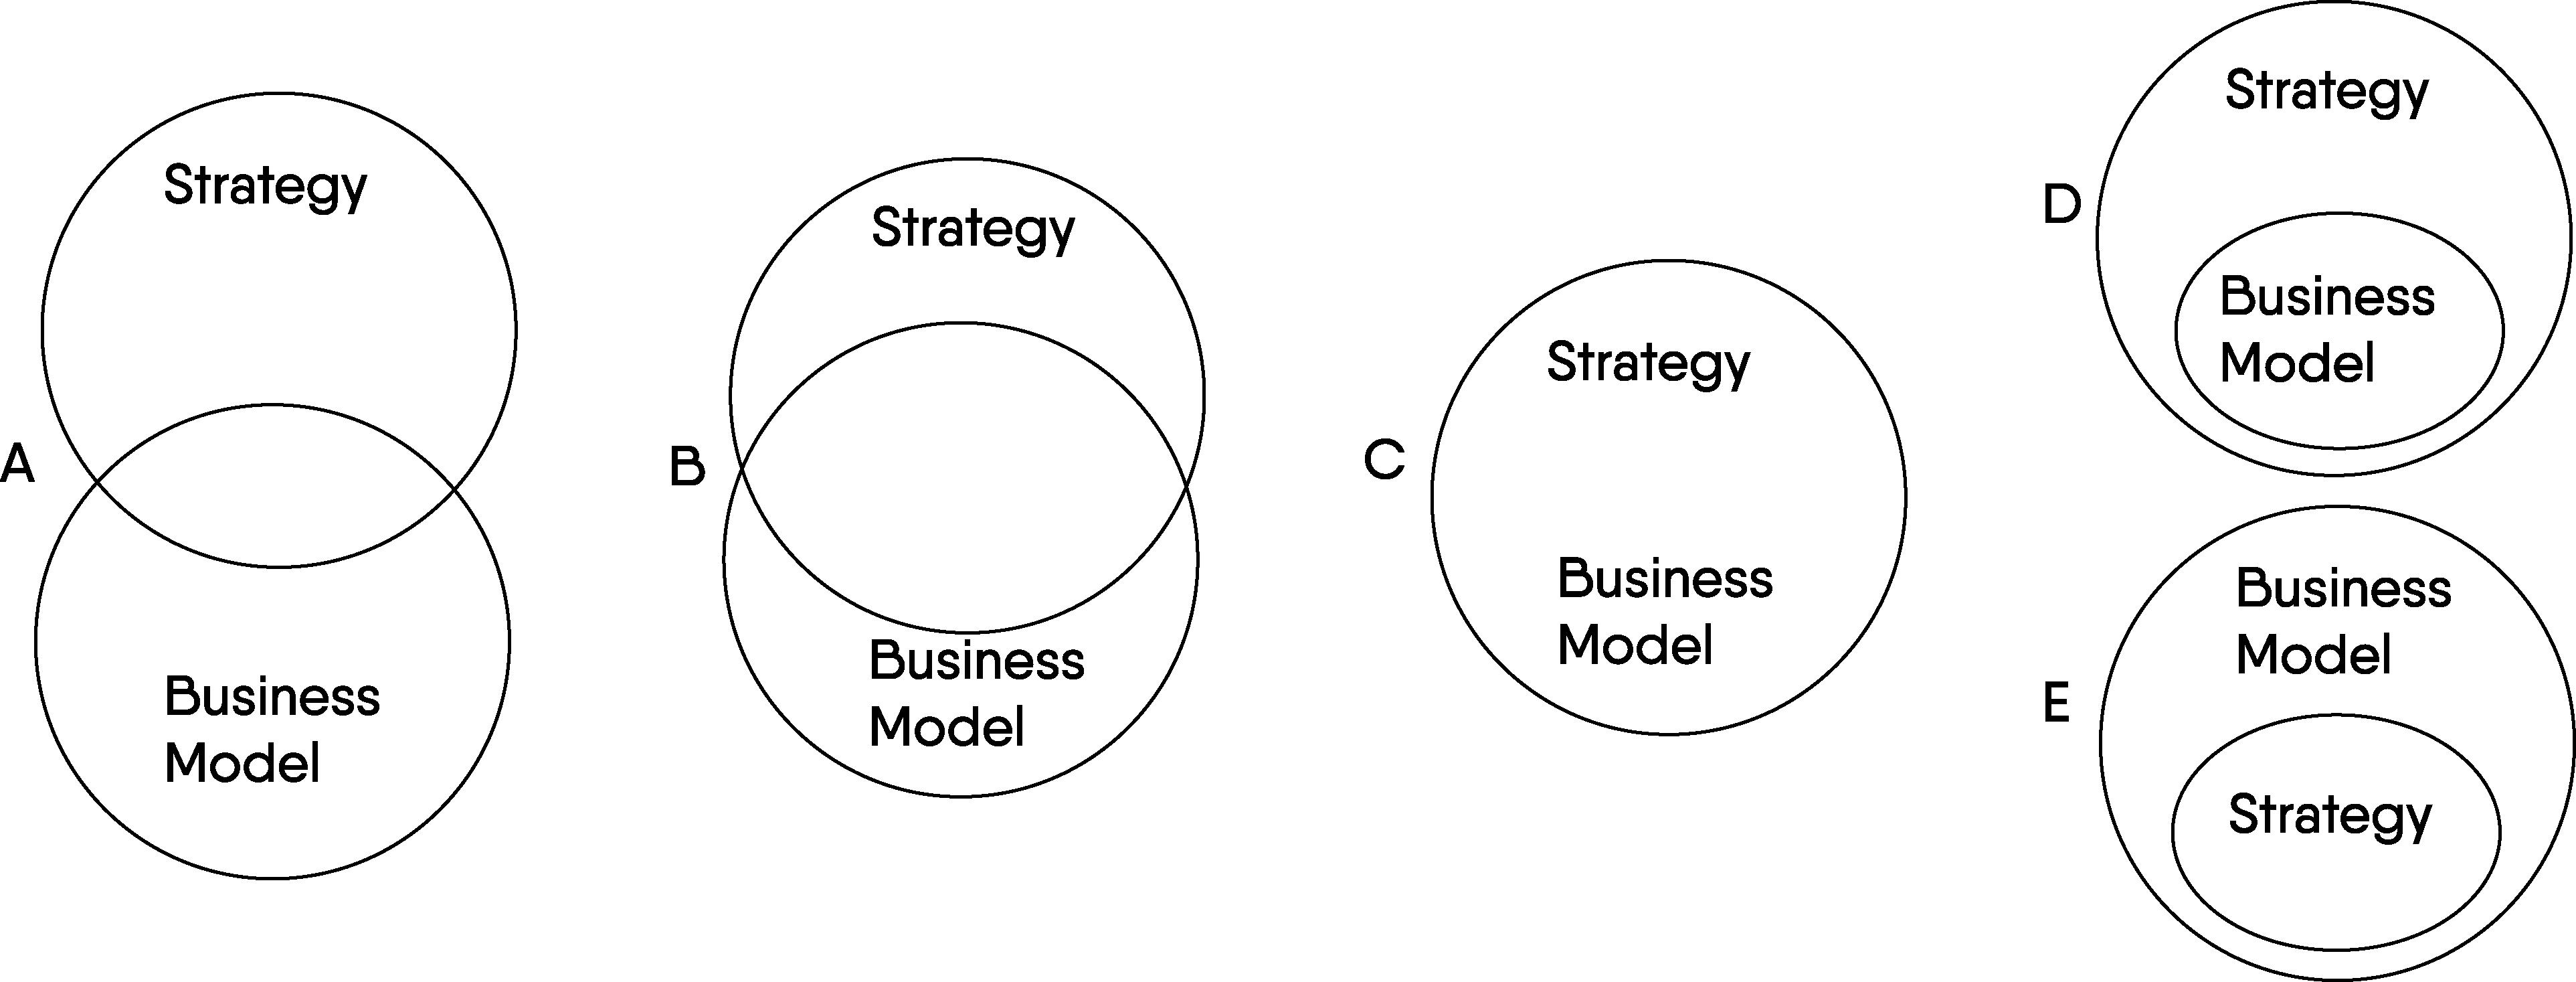 Überschneidungsmöglichkeiten zwischen Strategie und Geschäftsmodell. Eigene Darstellung, basierend auf Seddon et al., 2004, S. 428